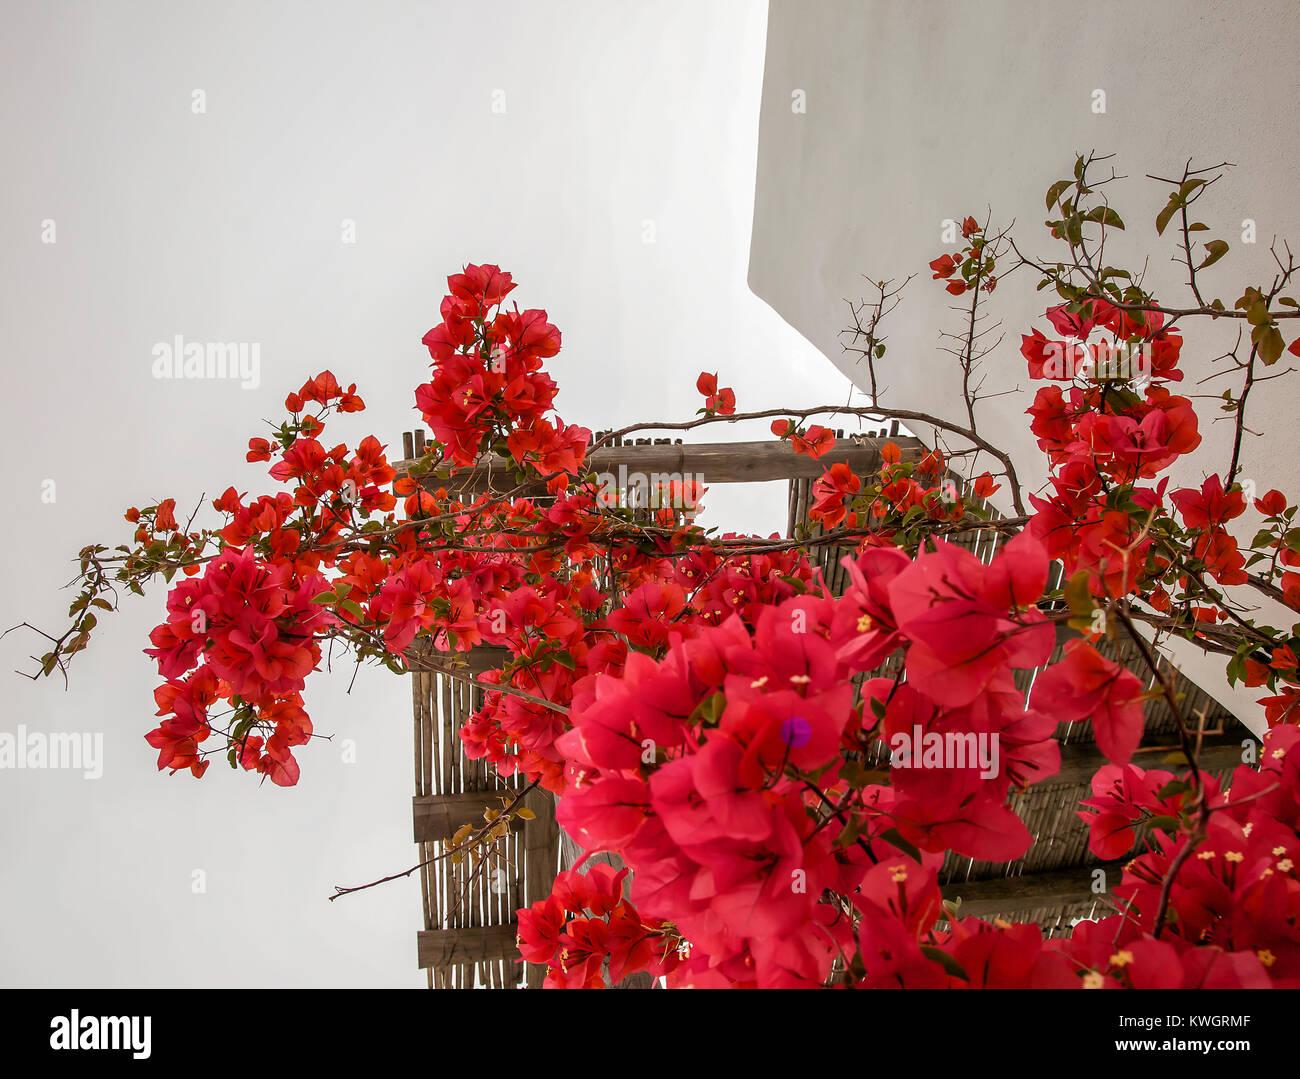 Helles Rot Bougainvillea Pflanze Blumen Klettern Auf Einem Bambus